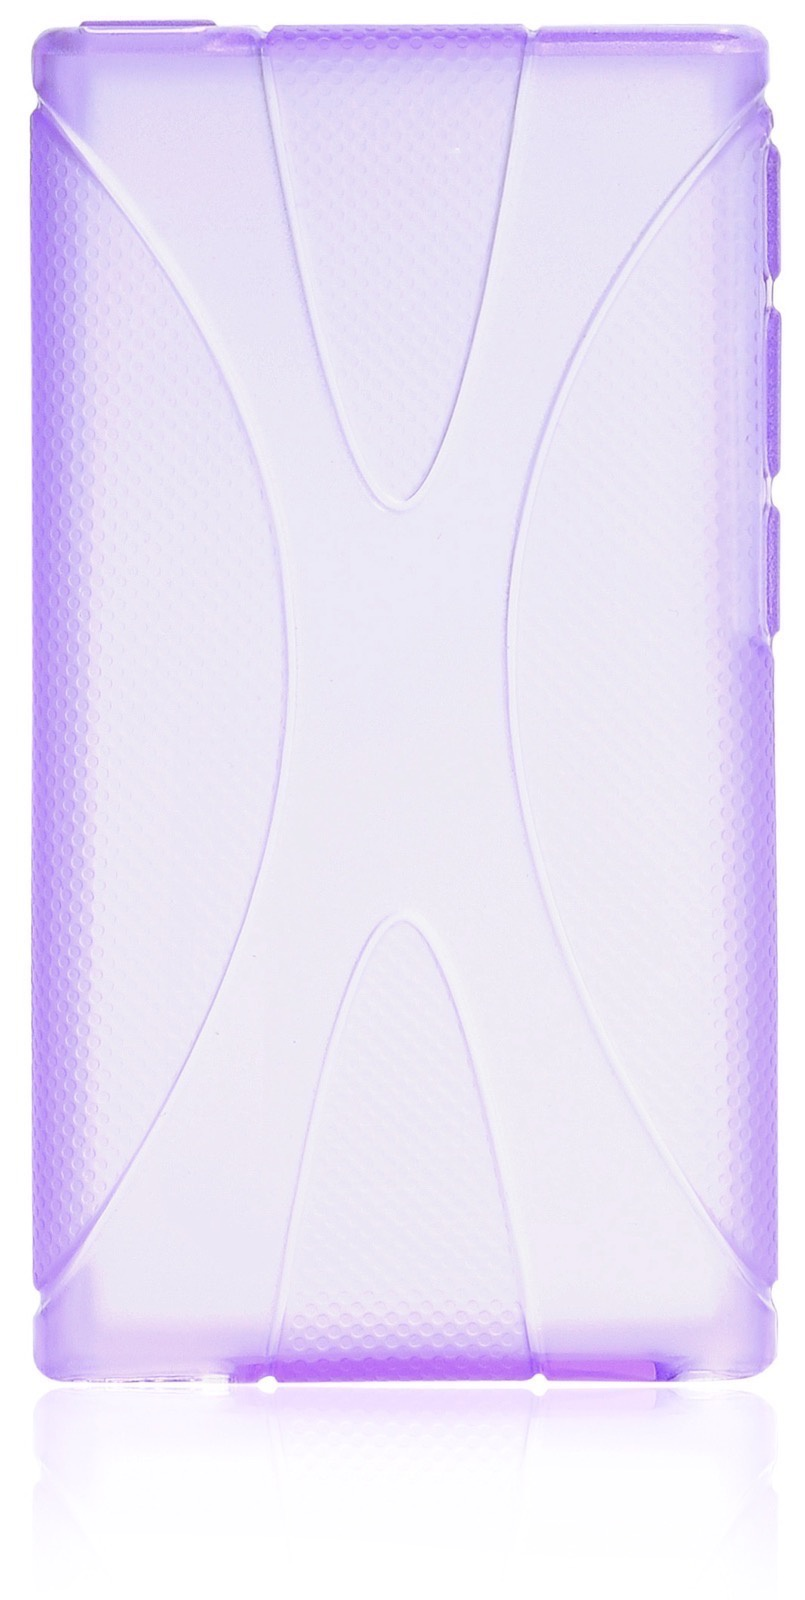 Чехол накладка Gurdini силикон Х для Apple iPod Nano 7,190044,фиолетовый видео для mp3 плеера